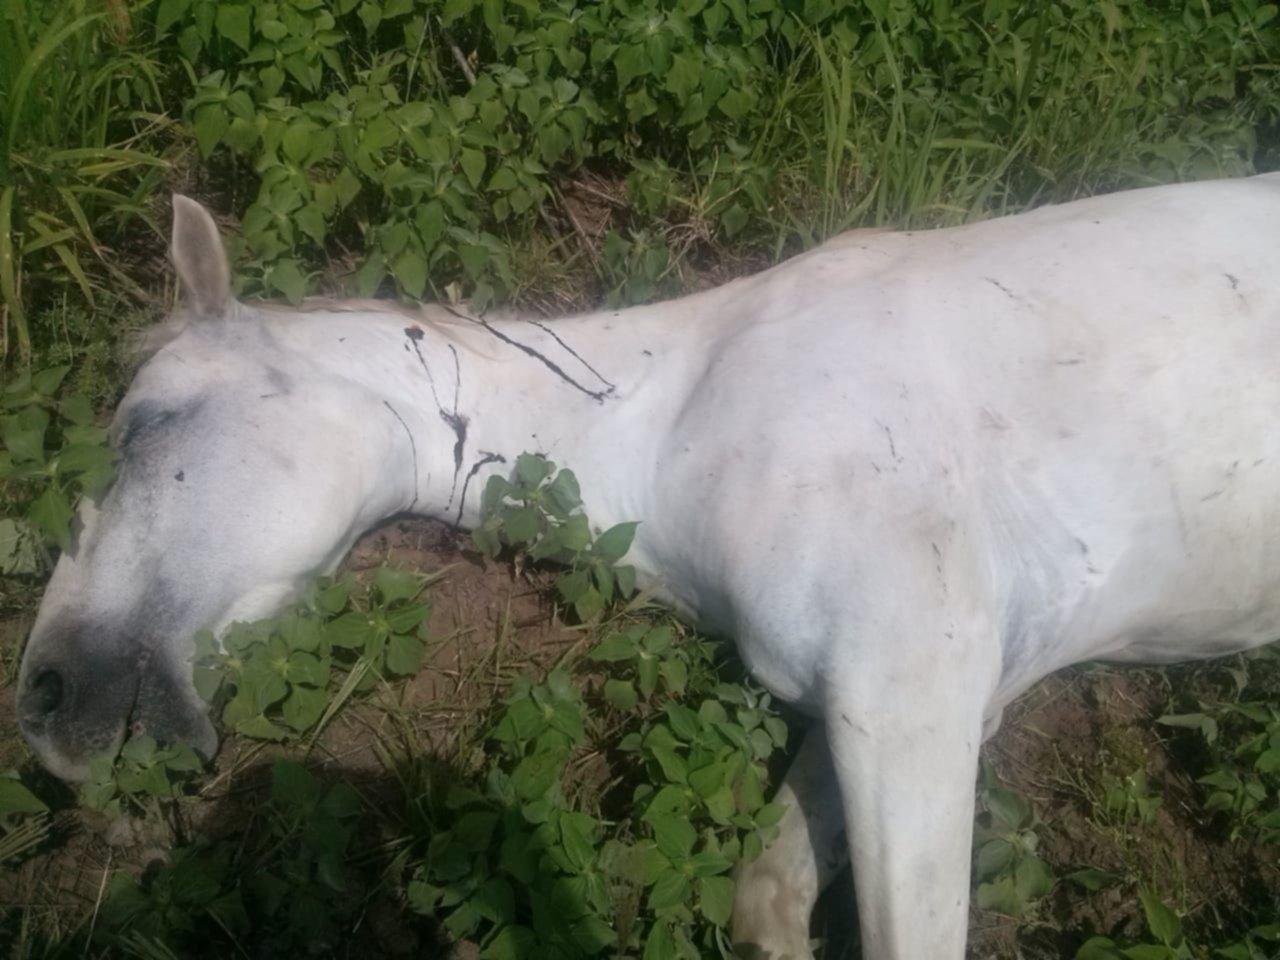 Indignación con un productor que baleó a tres caballos